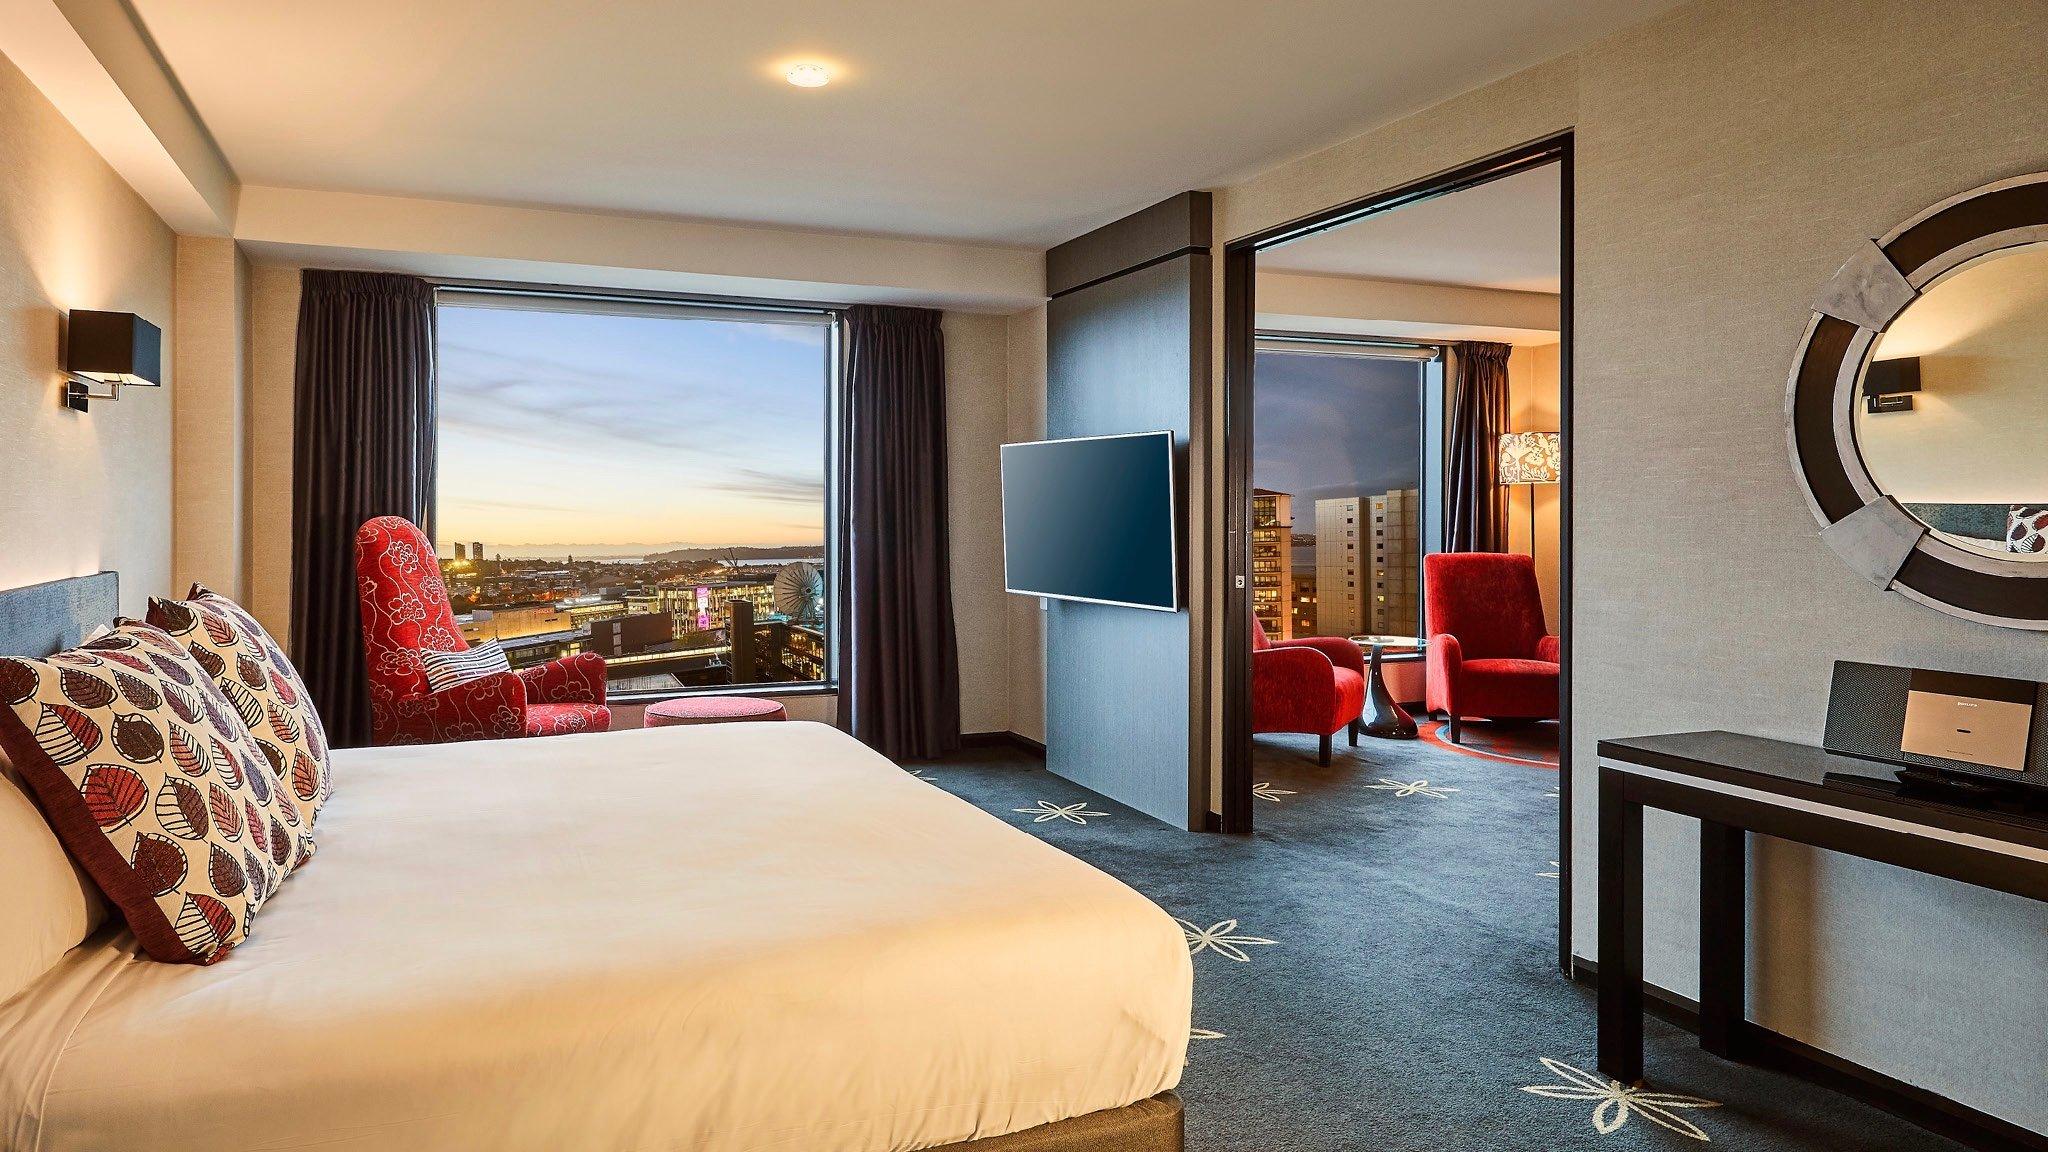 4 star Skycity Hotel Suite with city views